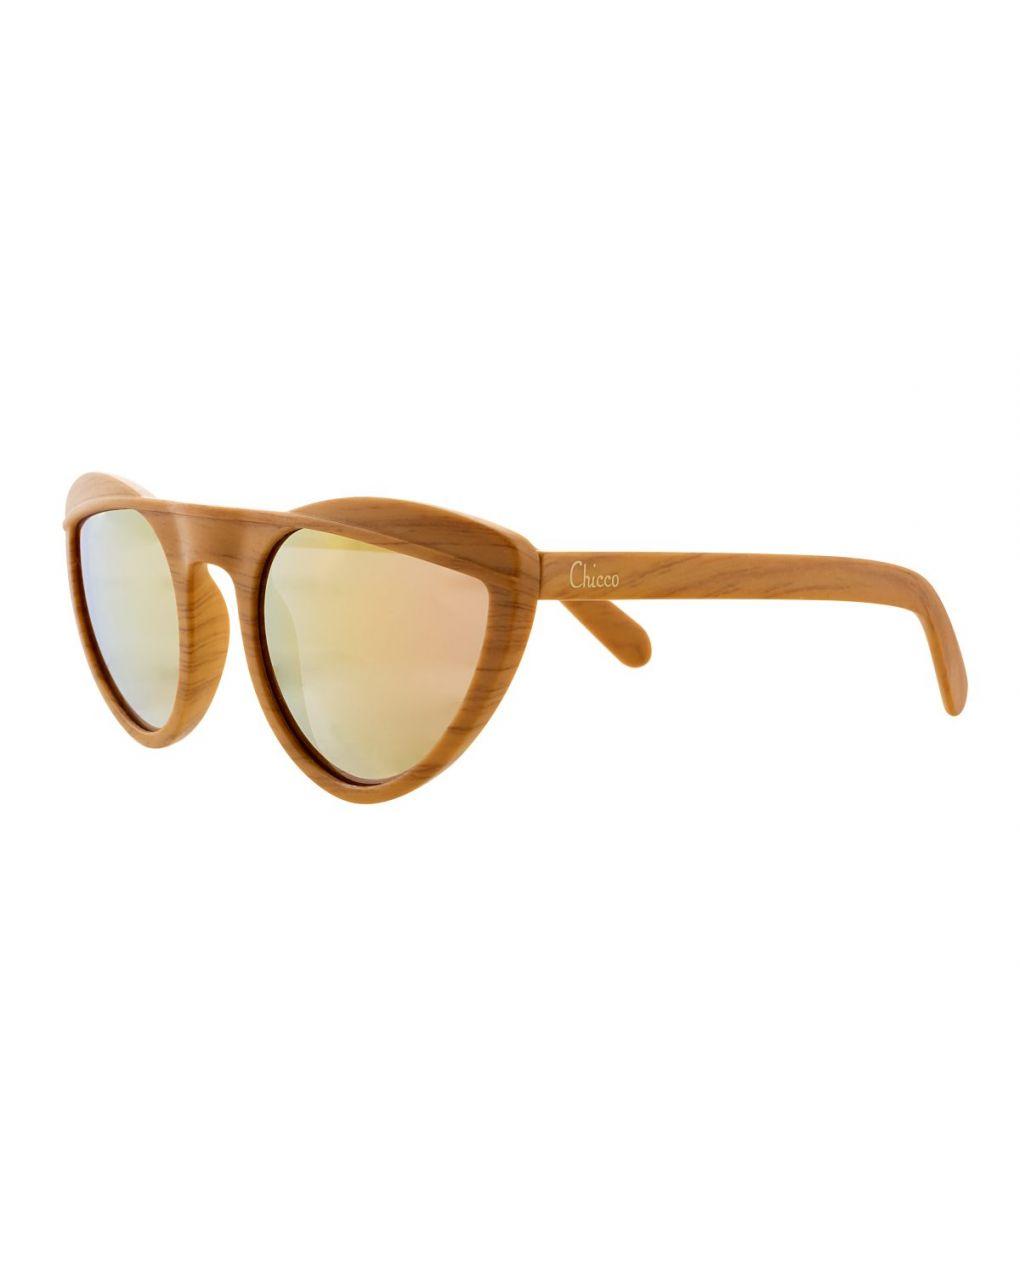 Chicco occhiali da sole 5 anni bimba - Chicco